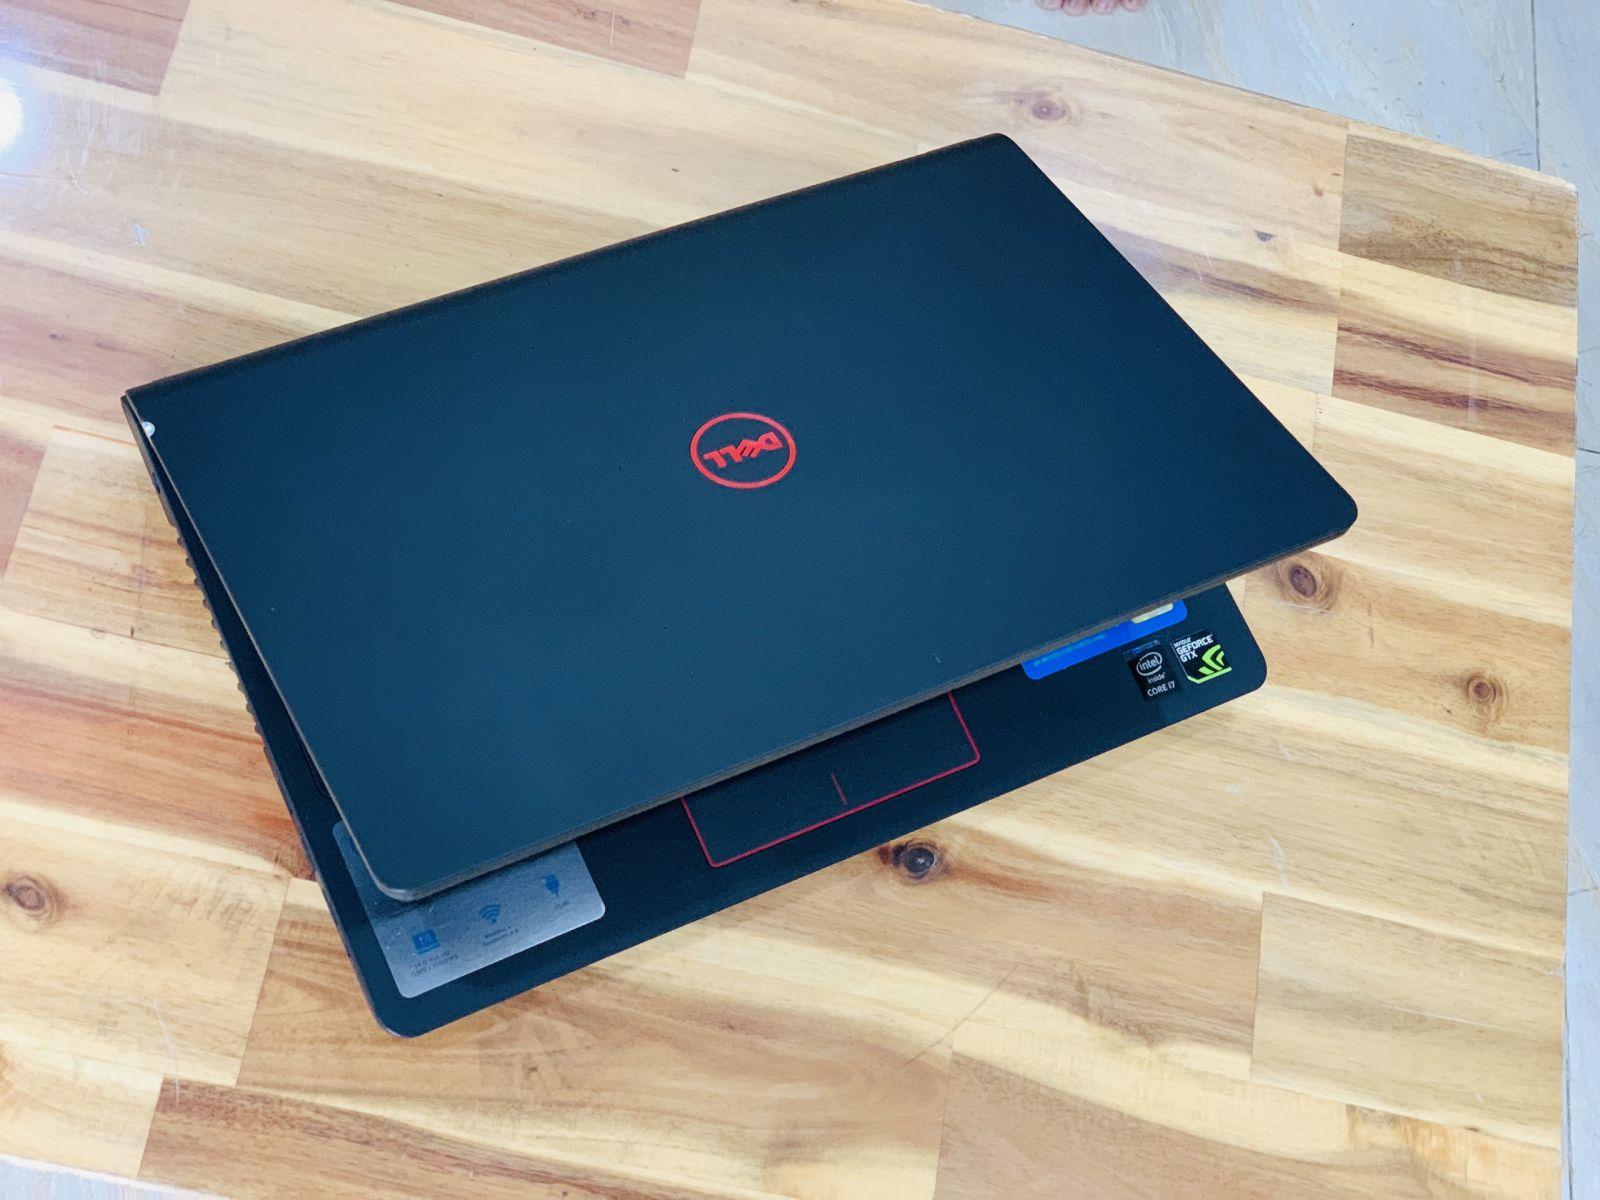 Laptop Dell Gaming 7447, i7 4720HQ 8G SSD128+500G Vga GTX850